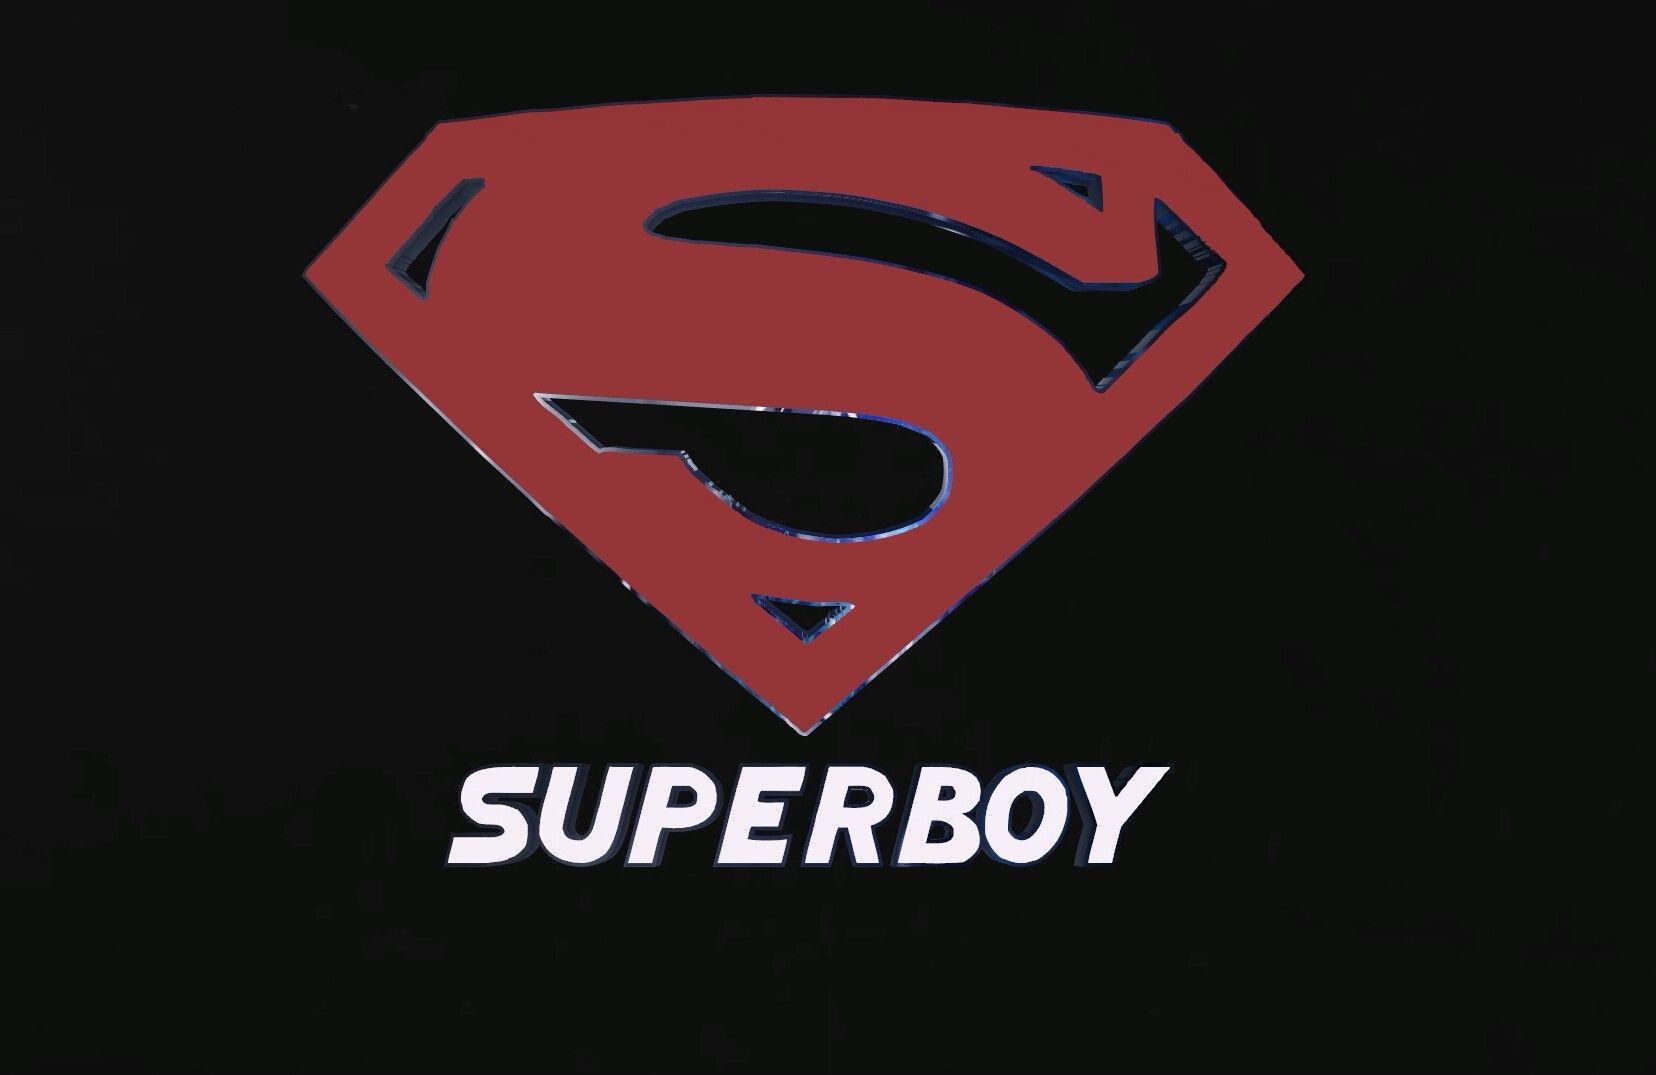 El logo de superboy terminado.